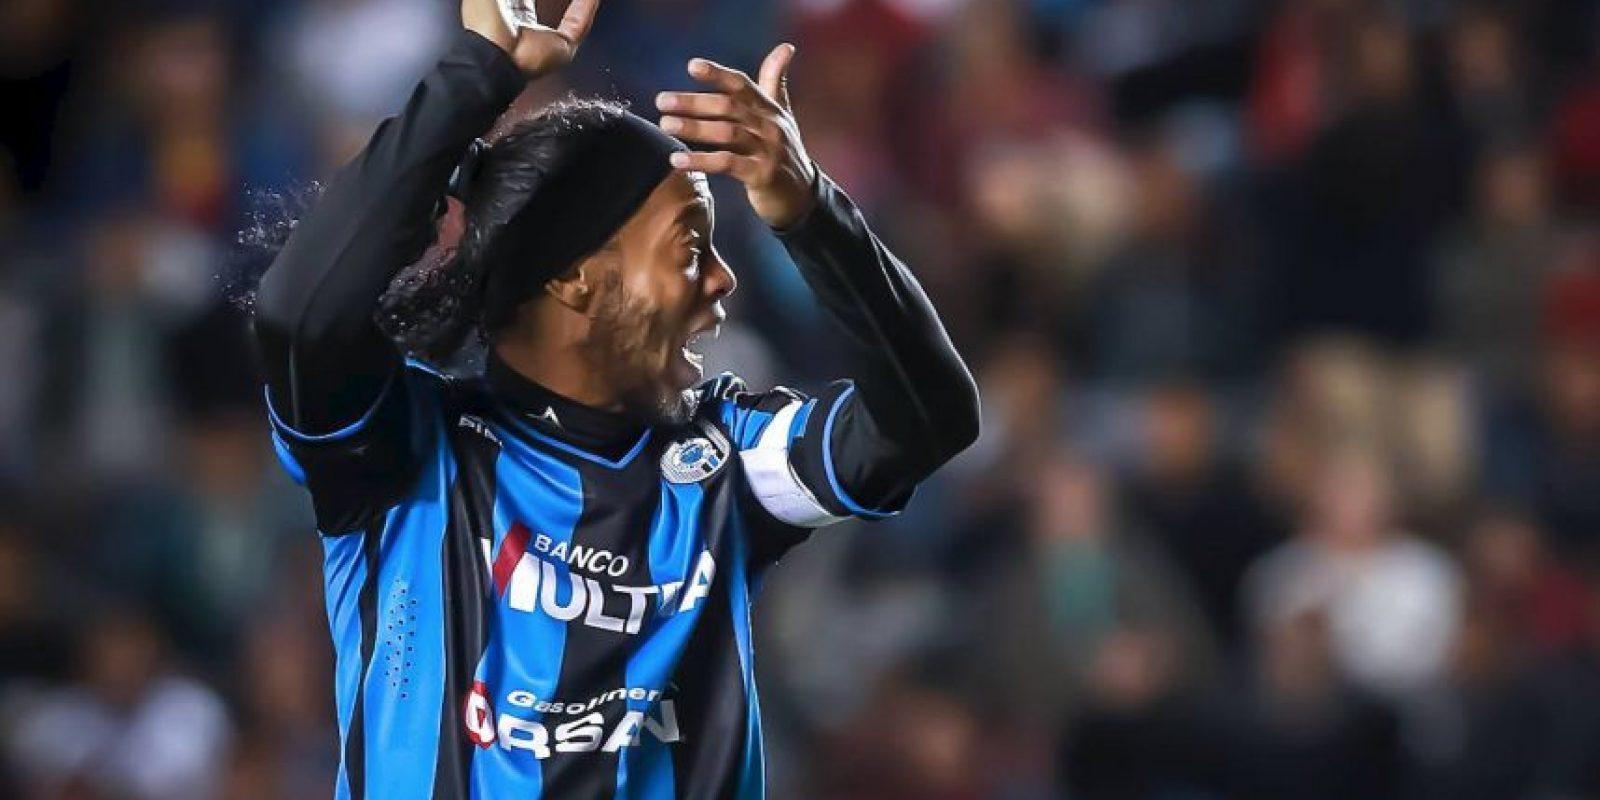 Gana un millón de dólares al año Foto:Facebook: Ronaldinho Gaúcho